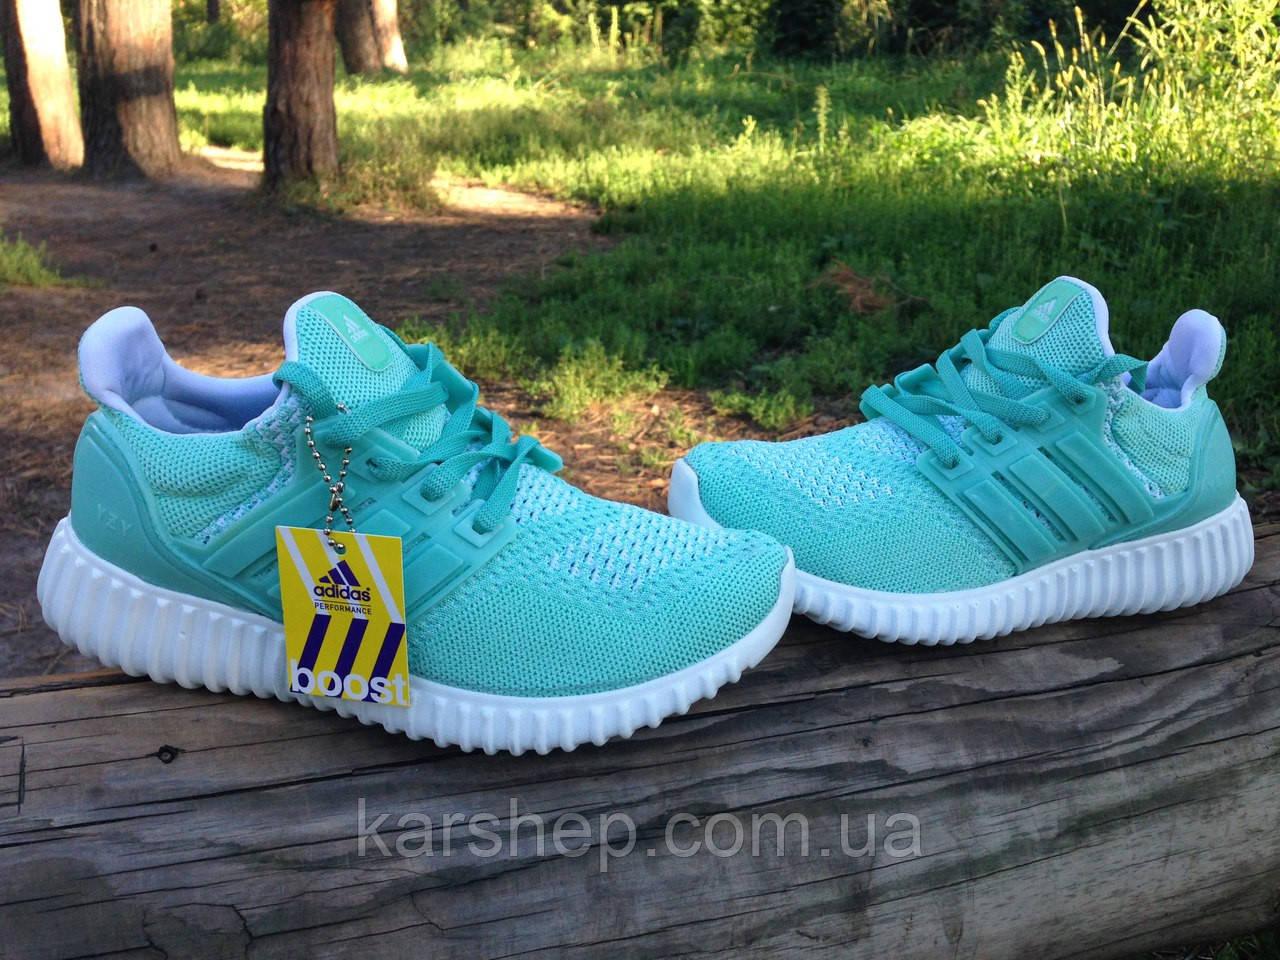 Кроссовки мятного цвета Adidas boost, реплика